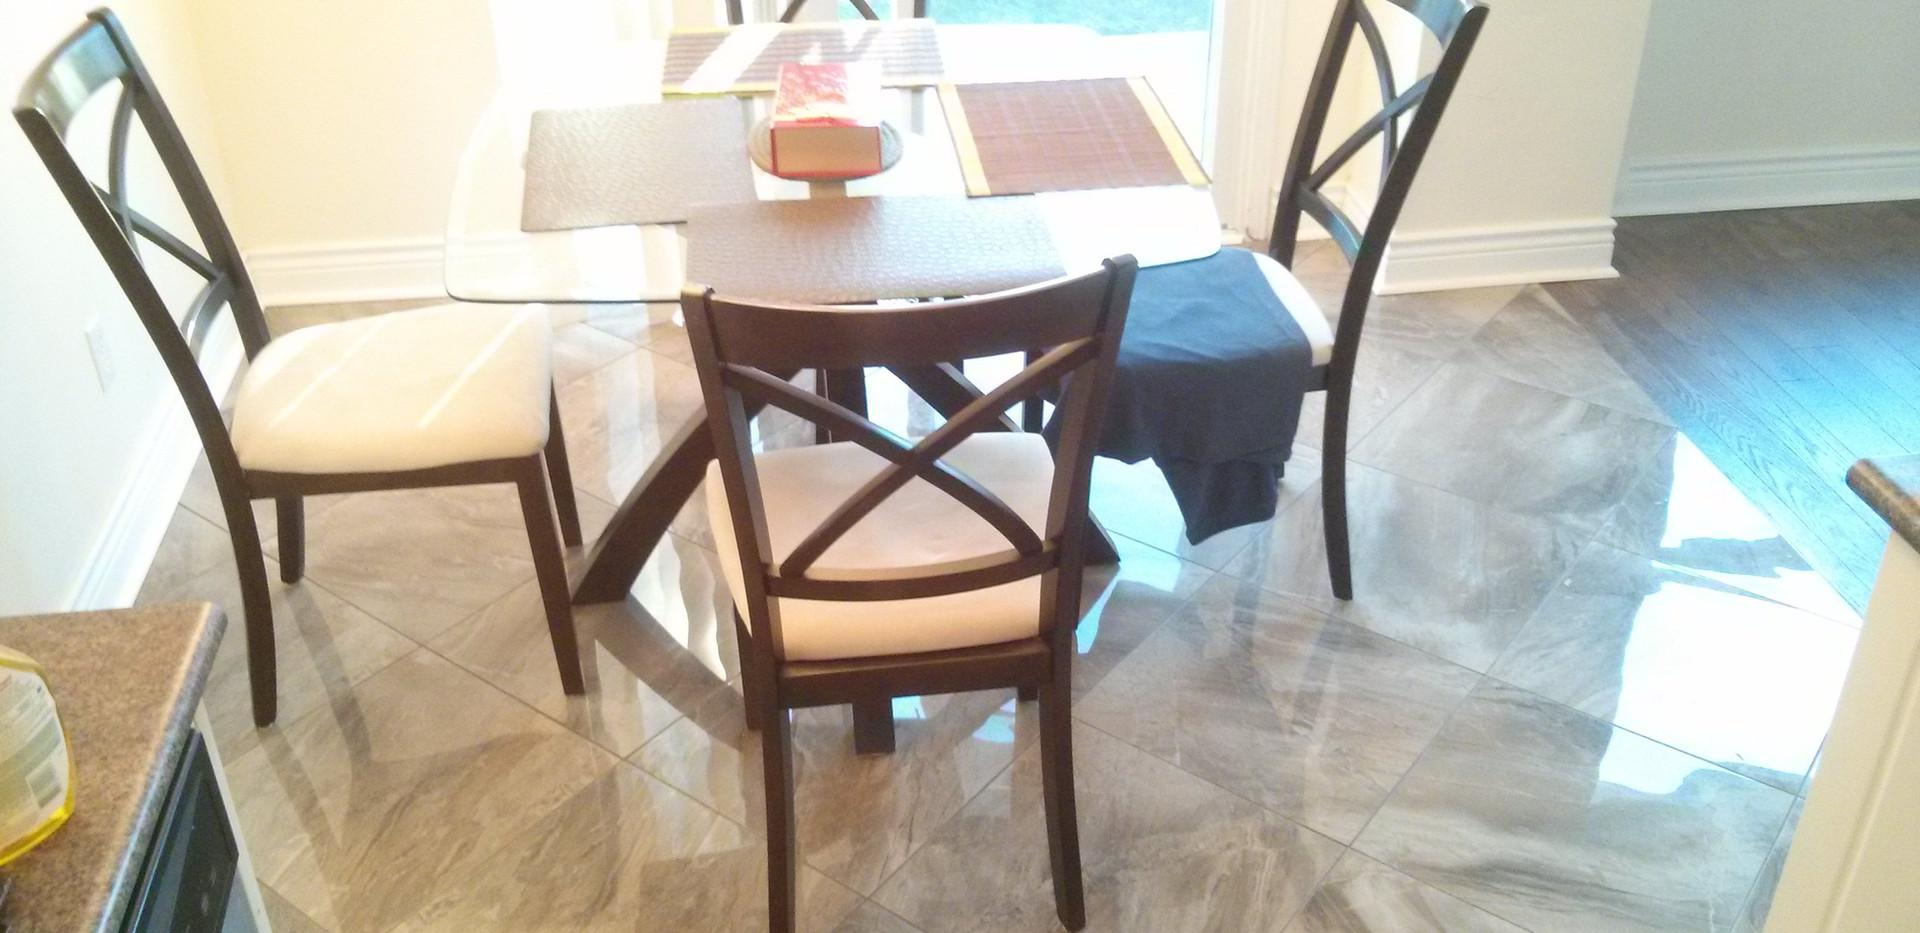 18x18 Polished Tile Diagonal Lay